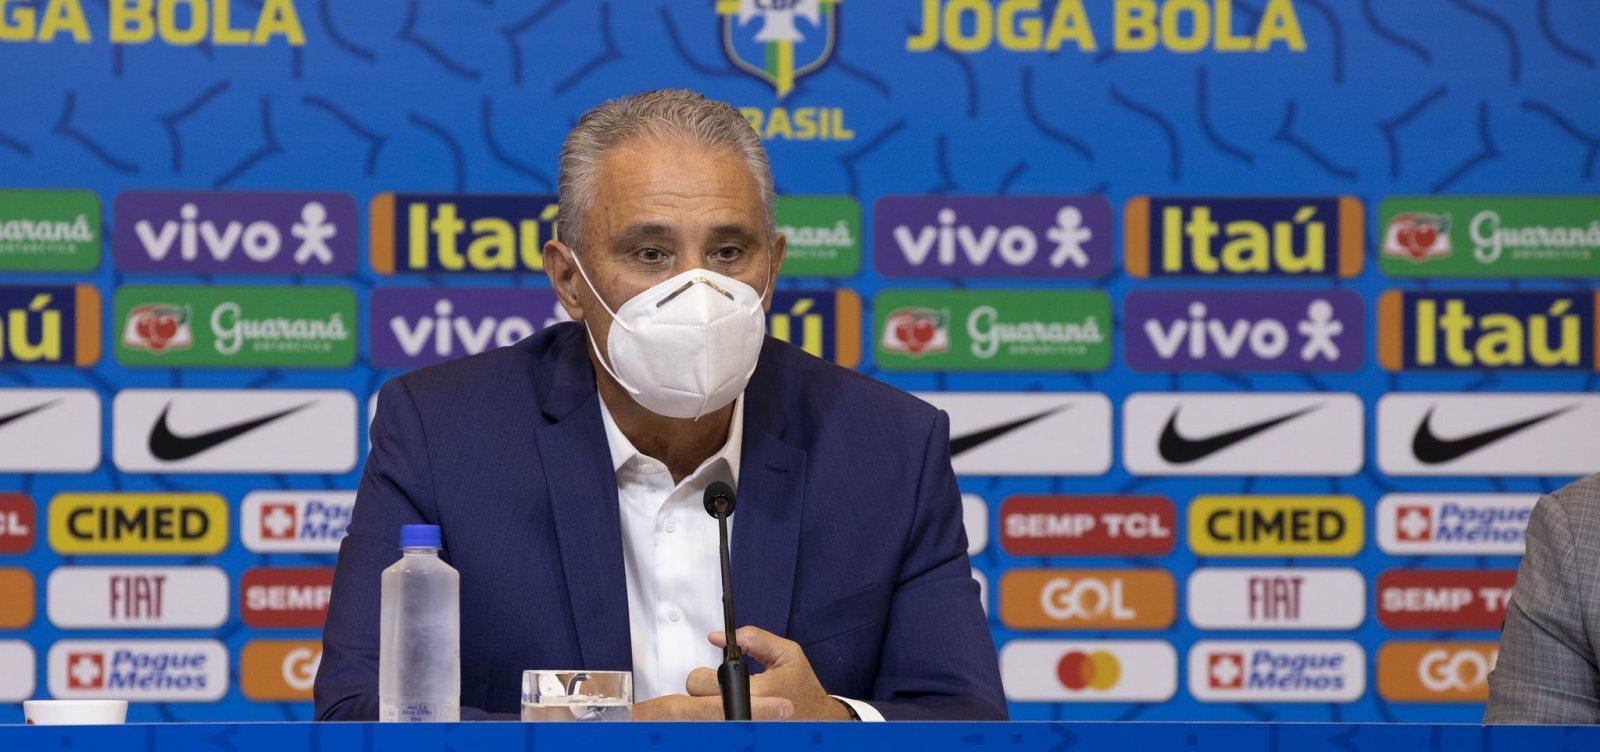 Confira os convocados por Tite para os próximos jogos das Eliminatórias da Copa do Mundo